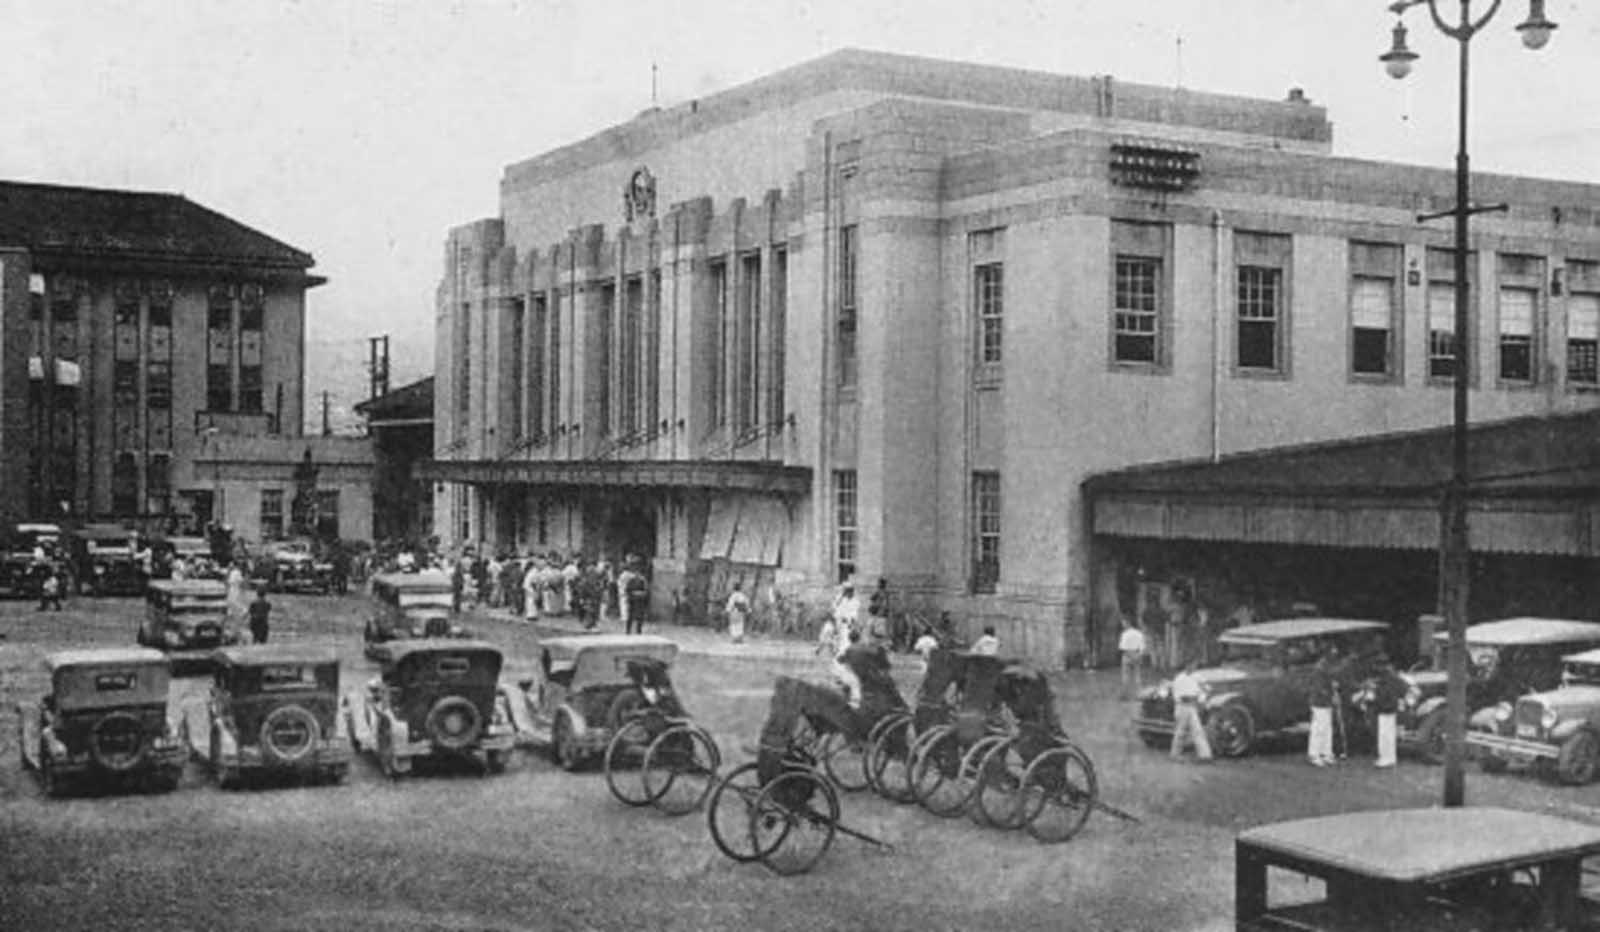 Hiroshima Station, between 1912 and 1945.